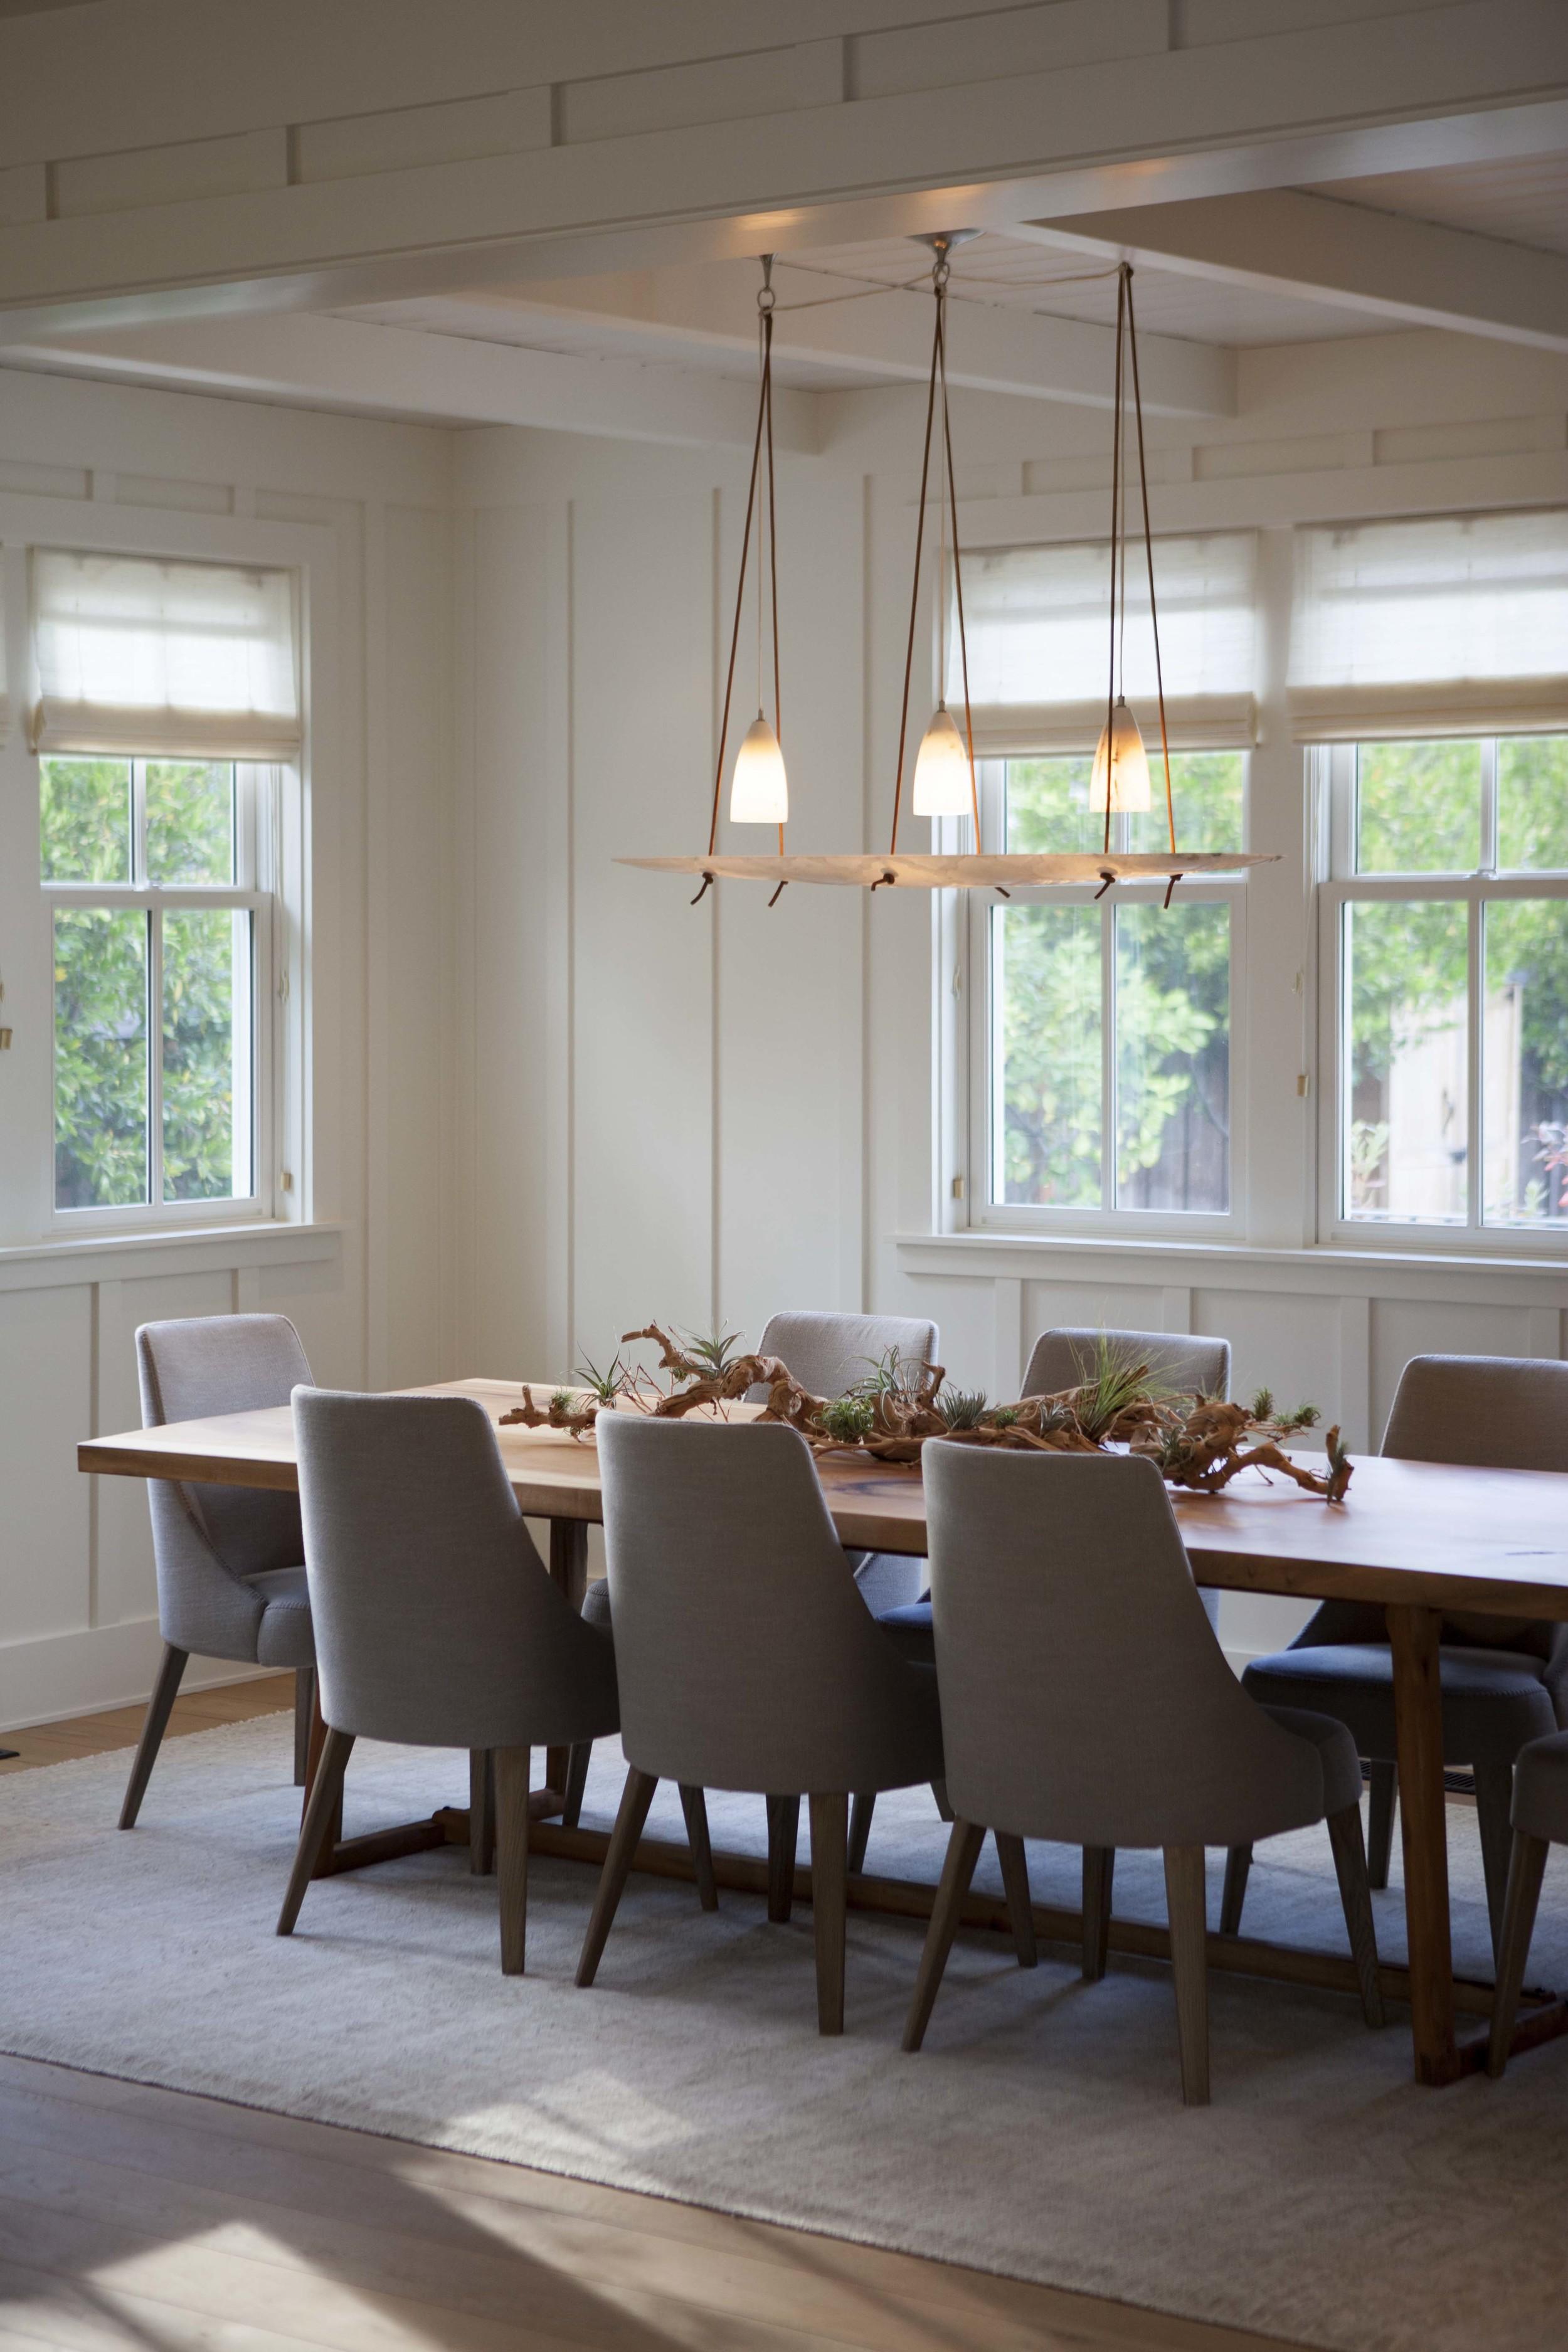 Modern Farmhouse: Dining Room 2